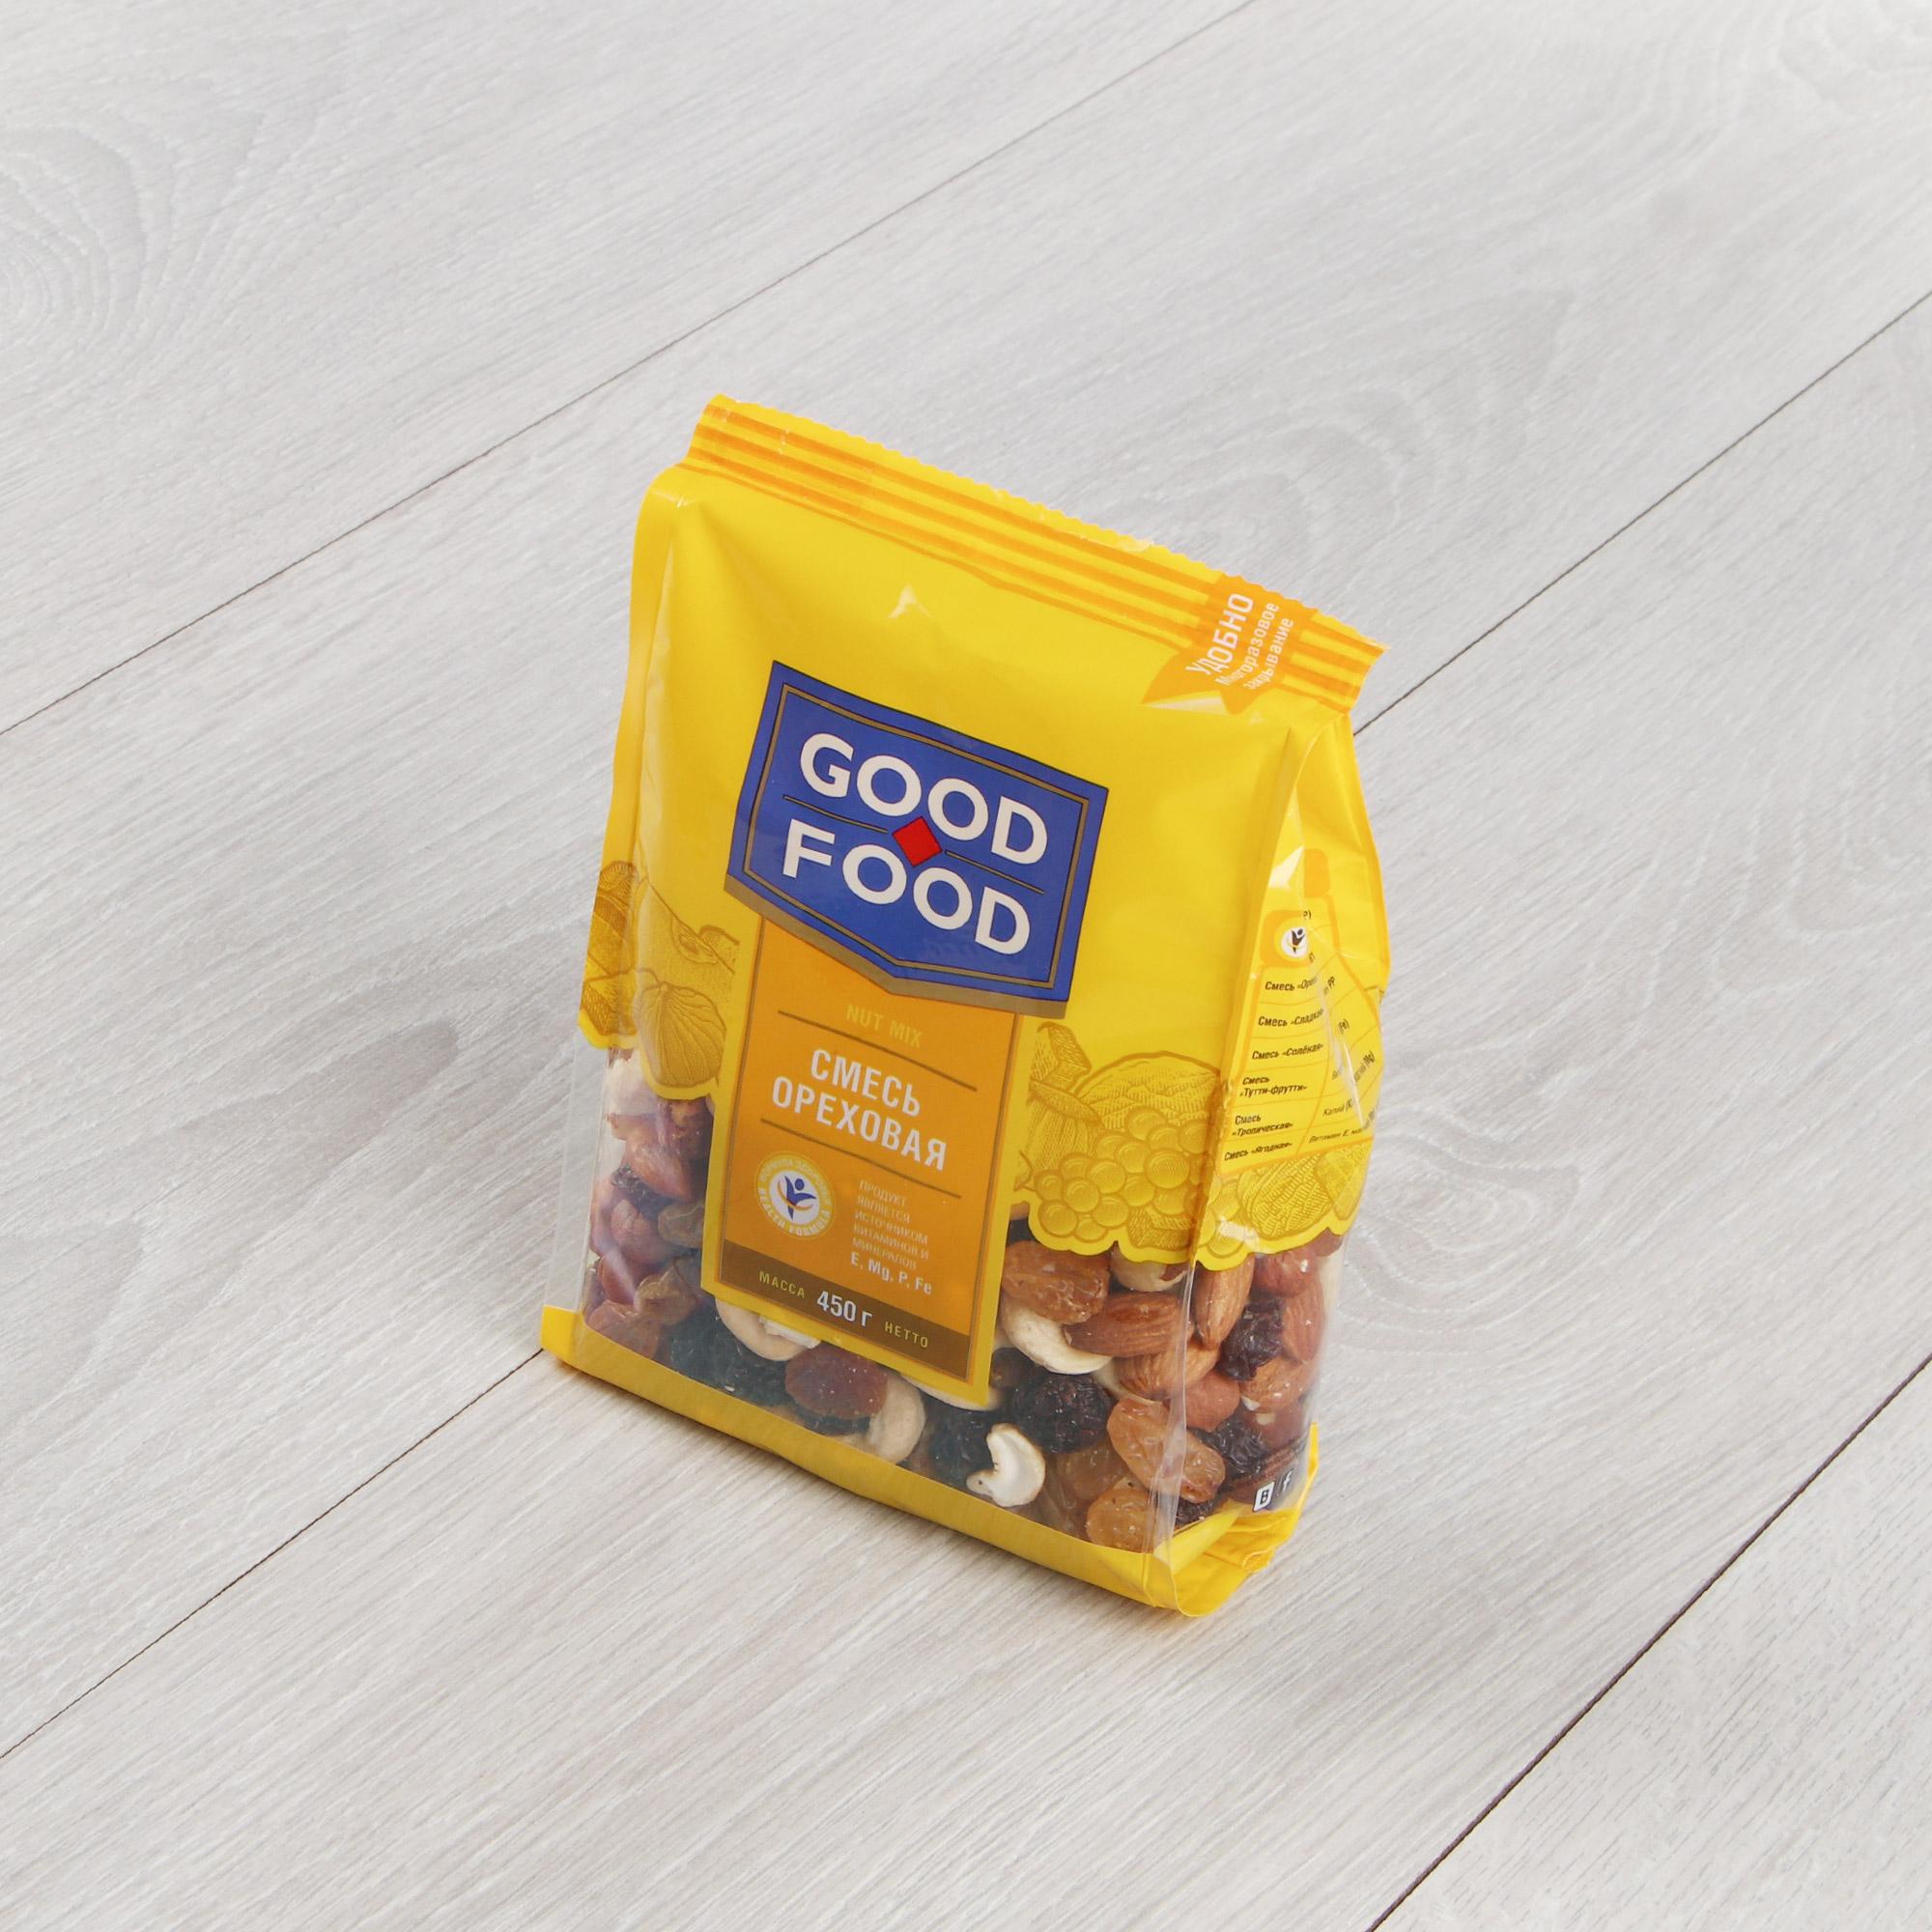 Фото - Смесь ореховая Гуд Фуд 450 г смесь фруктово ореховая botanica 140 г